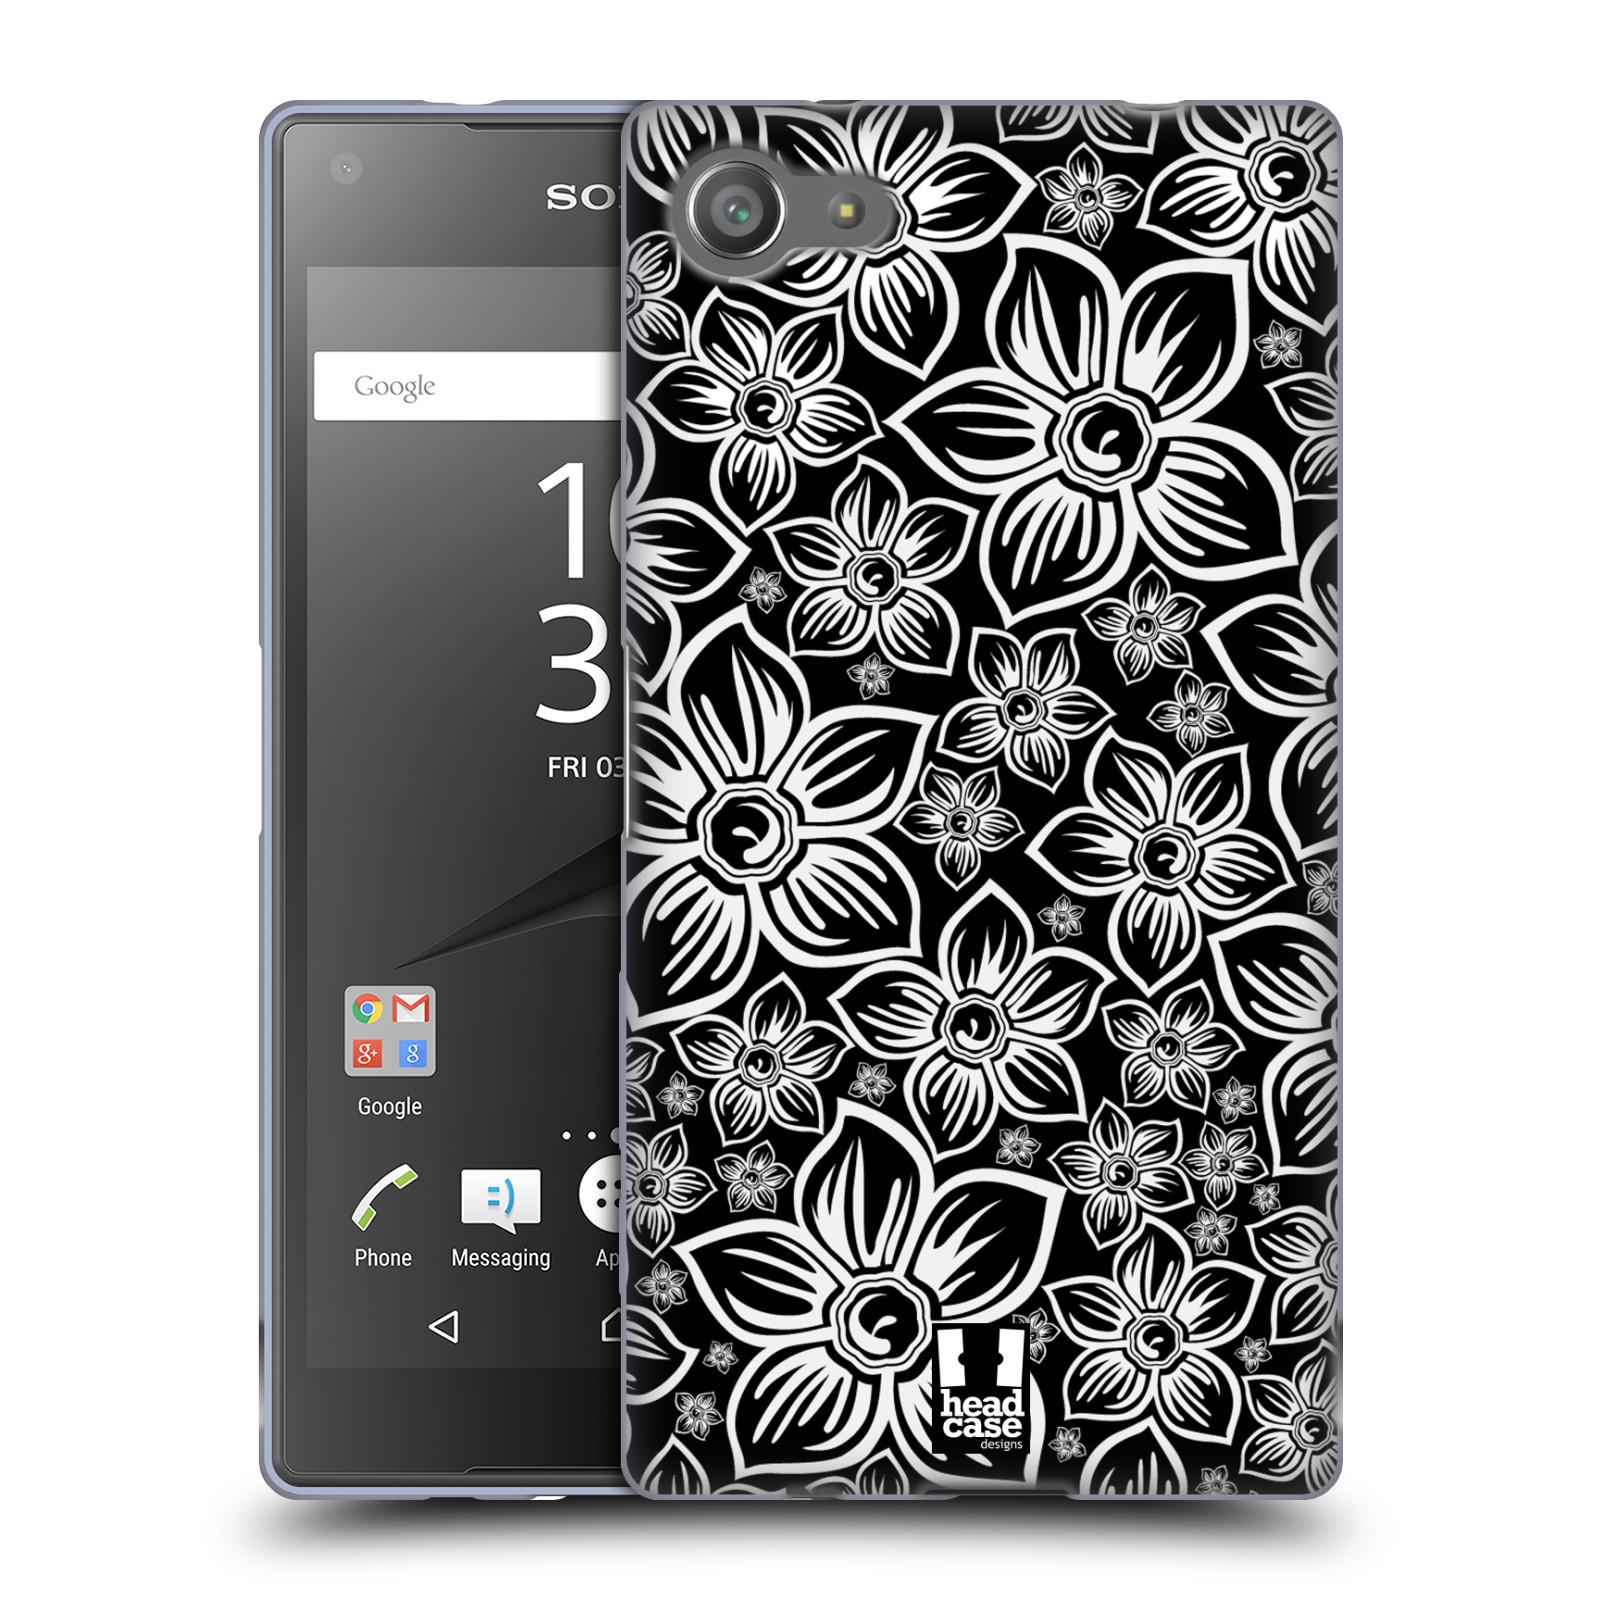 Silikonové pouzdro na mobil Sony Xperia Z5 Compact HEAD CASE FLORAL DAISY